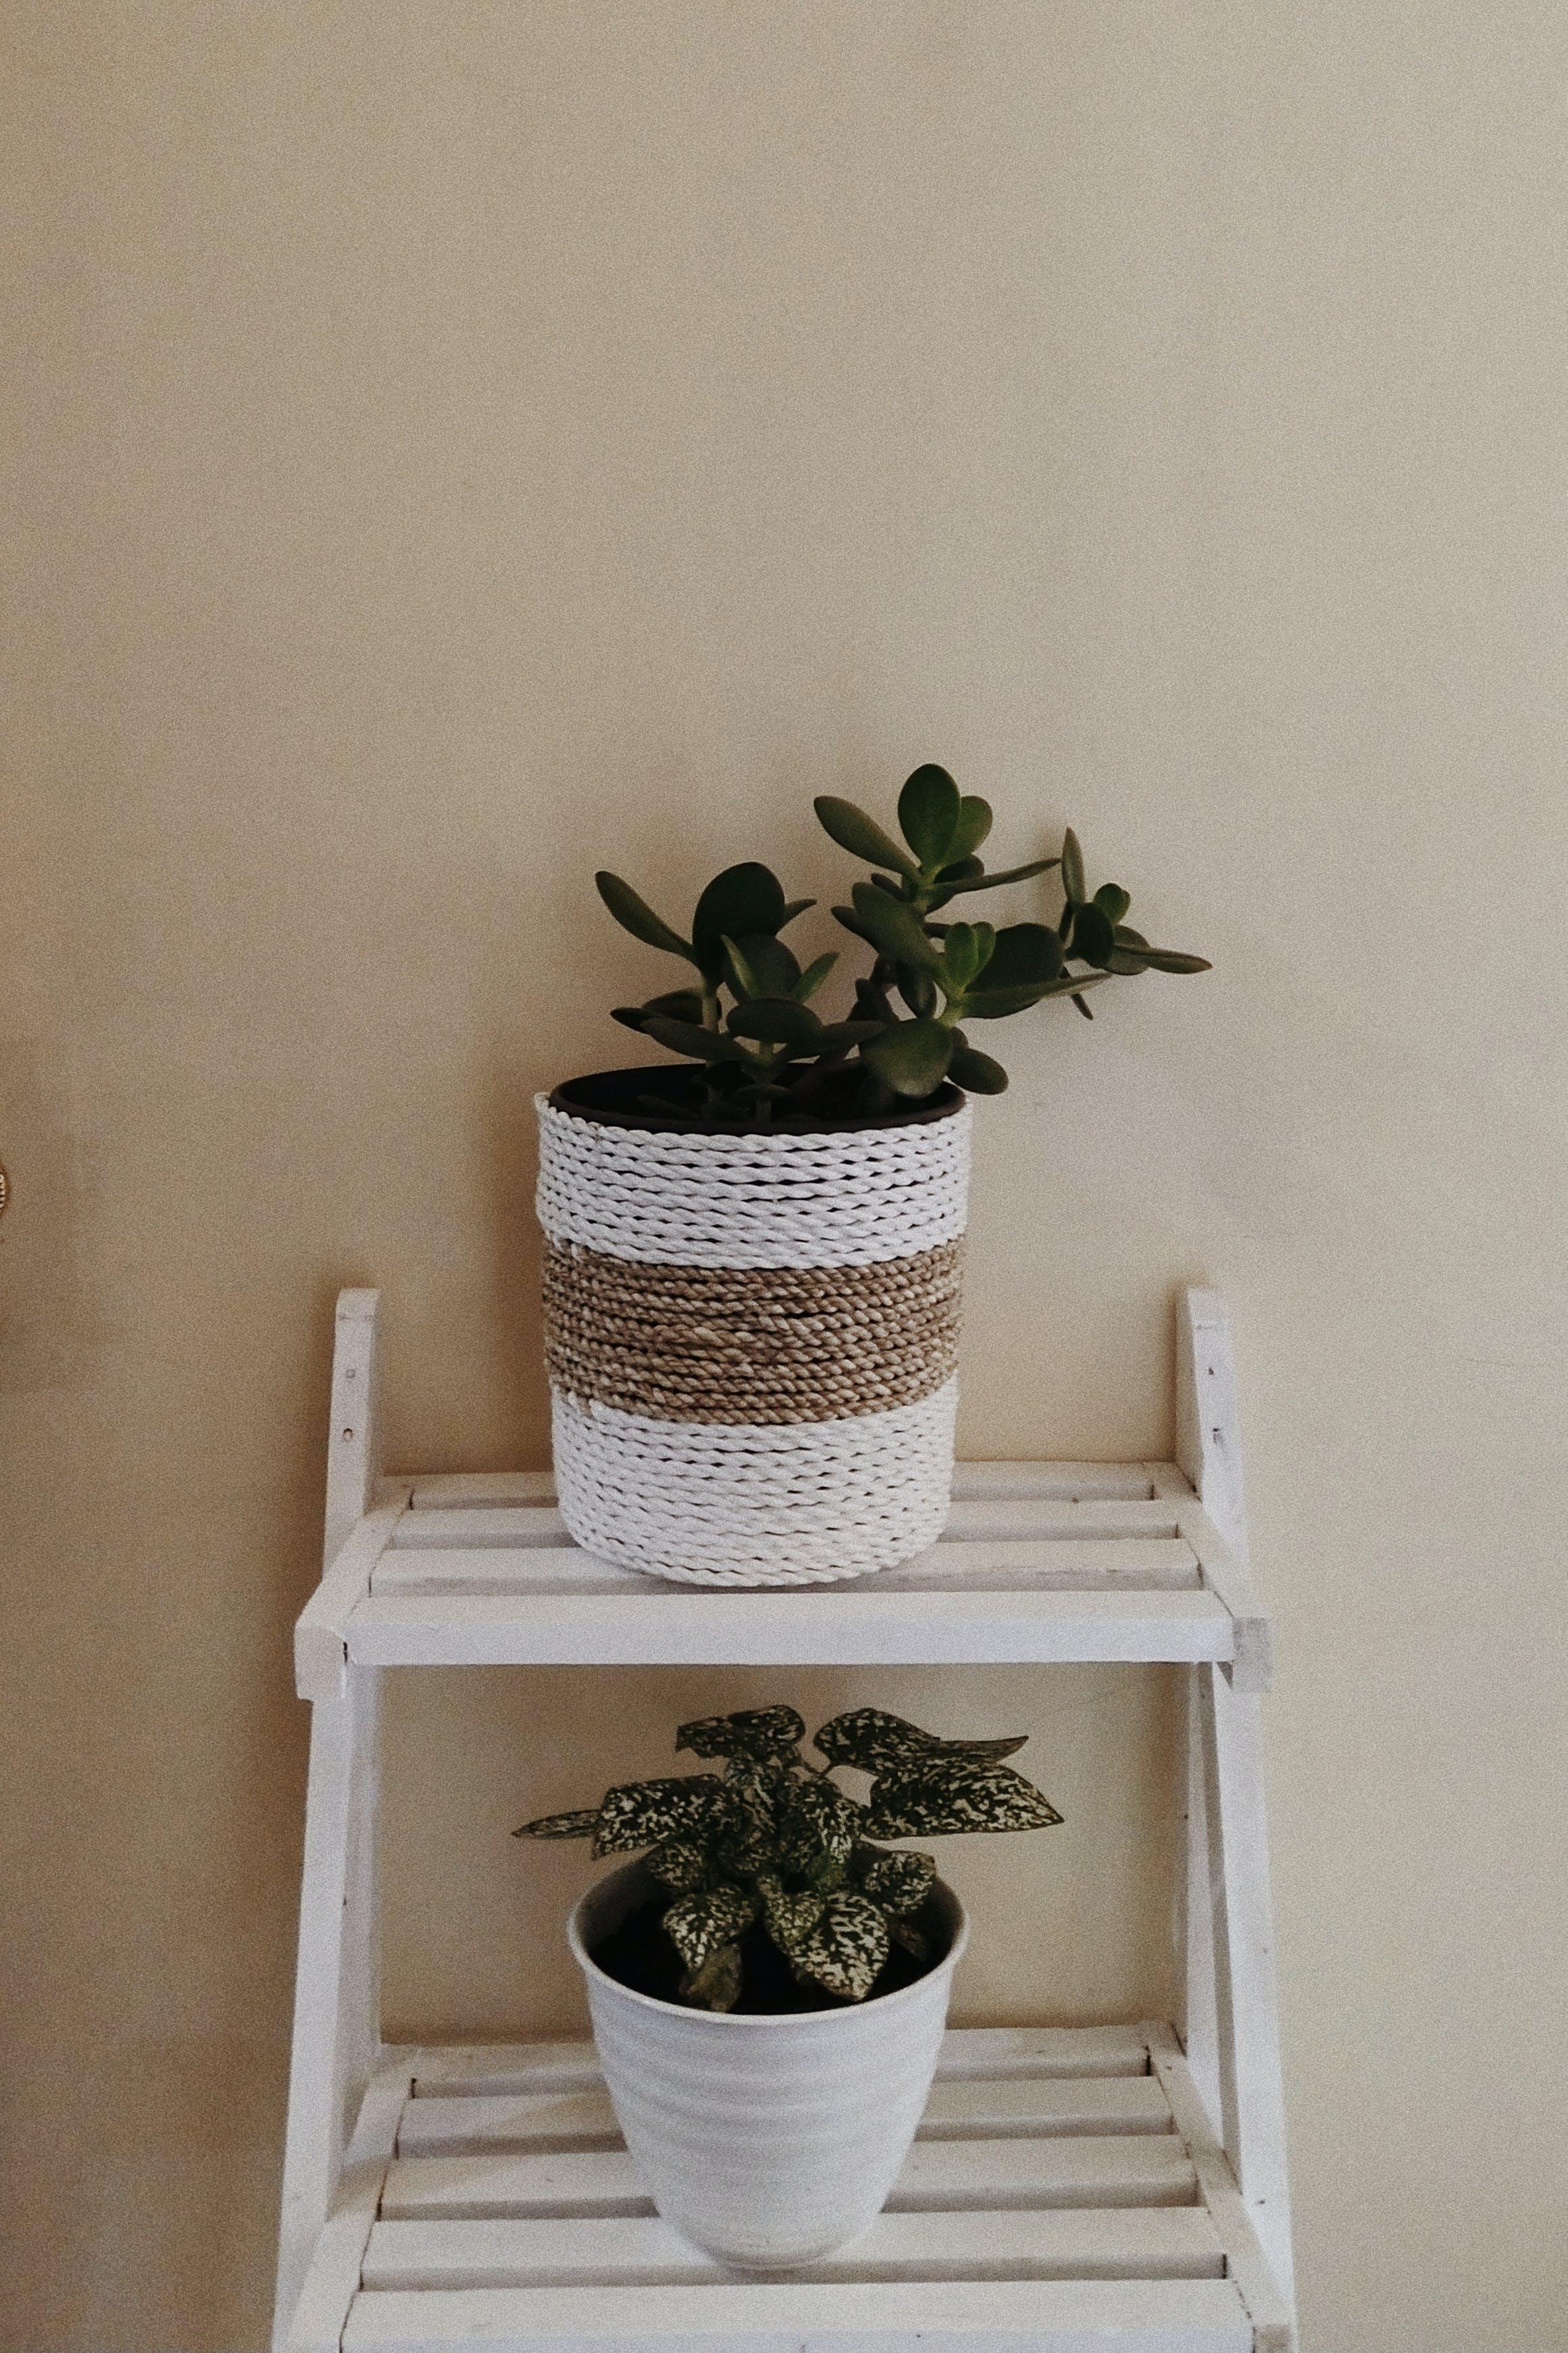 Two Plants In Pots